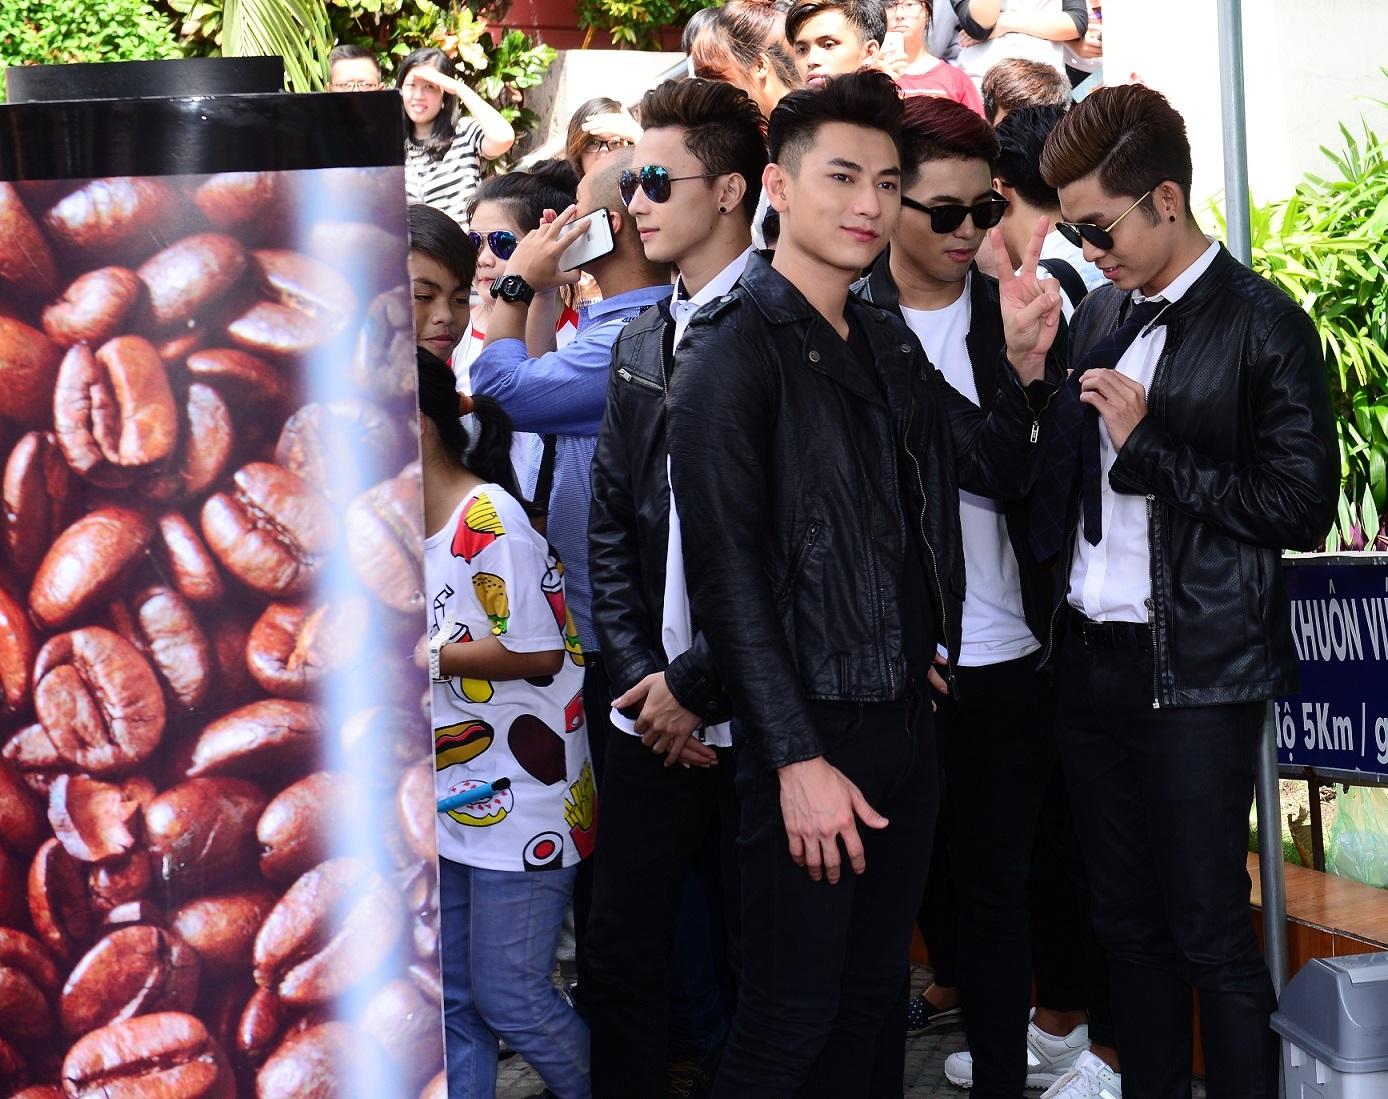 Các chàng trai của nhóm 365 thì khá ngầu trong trang phục đen